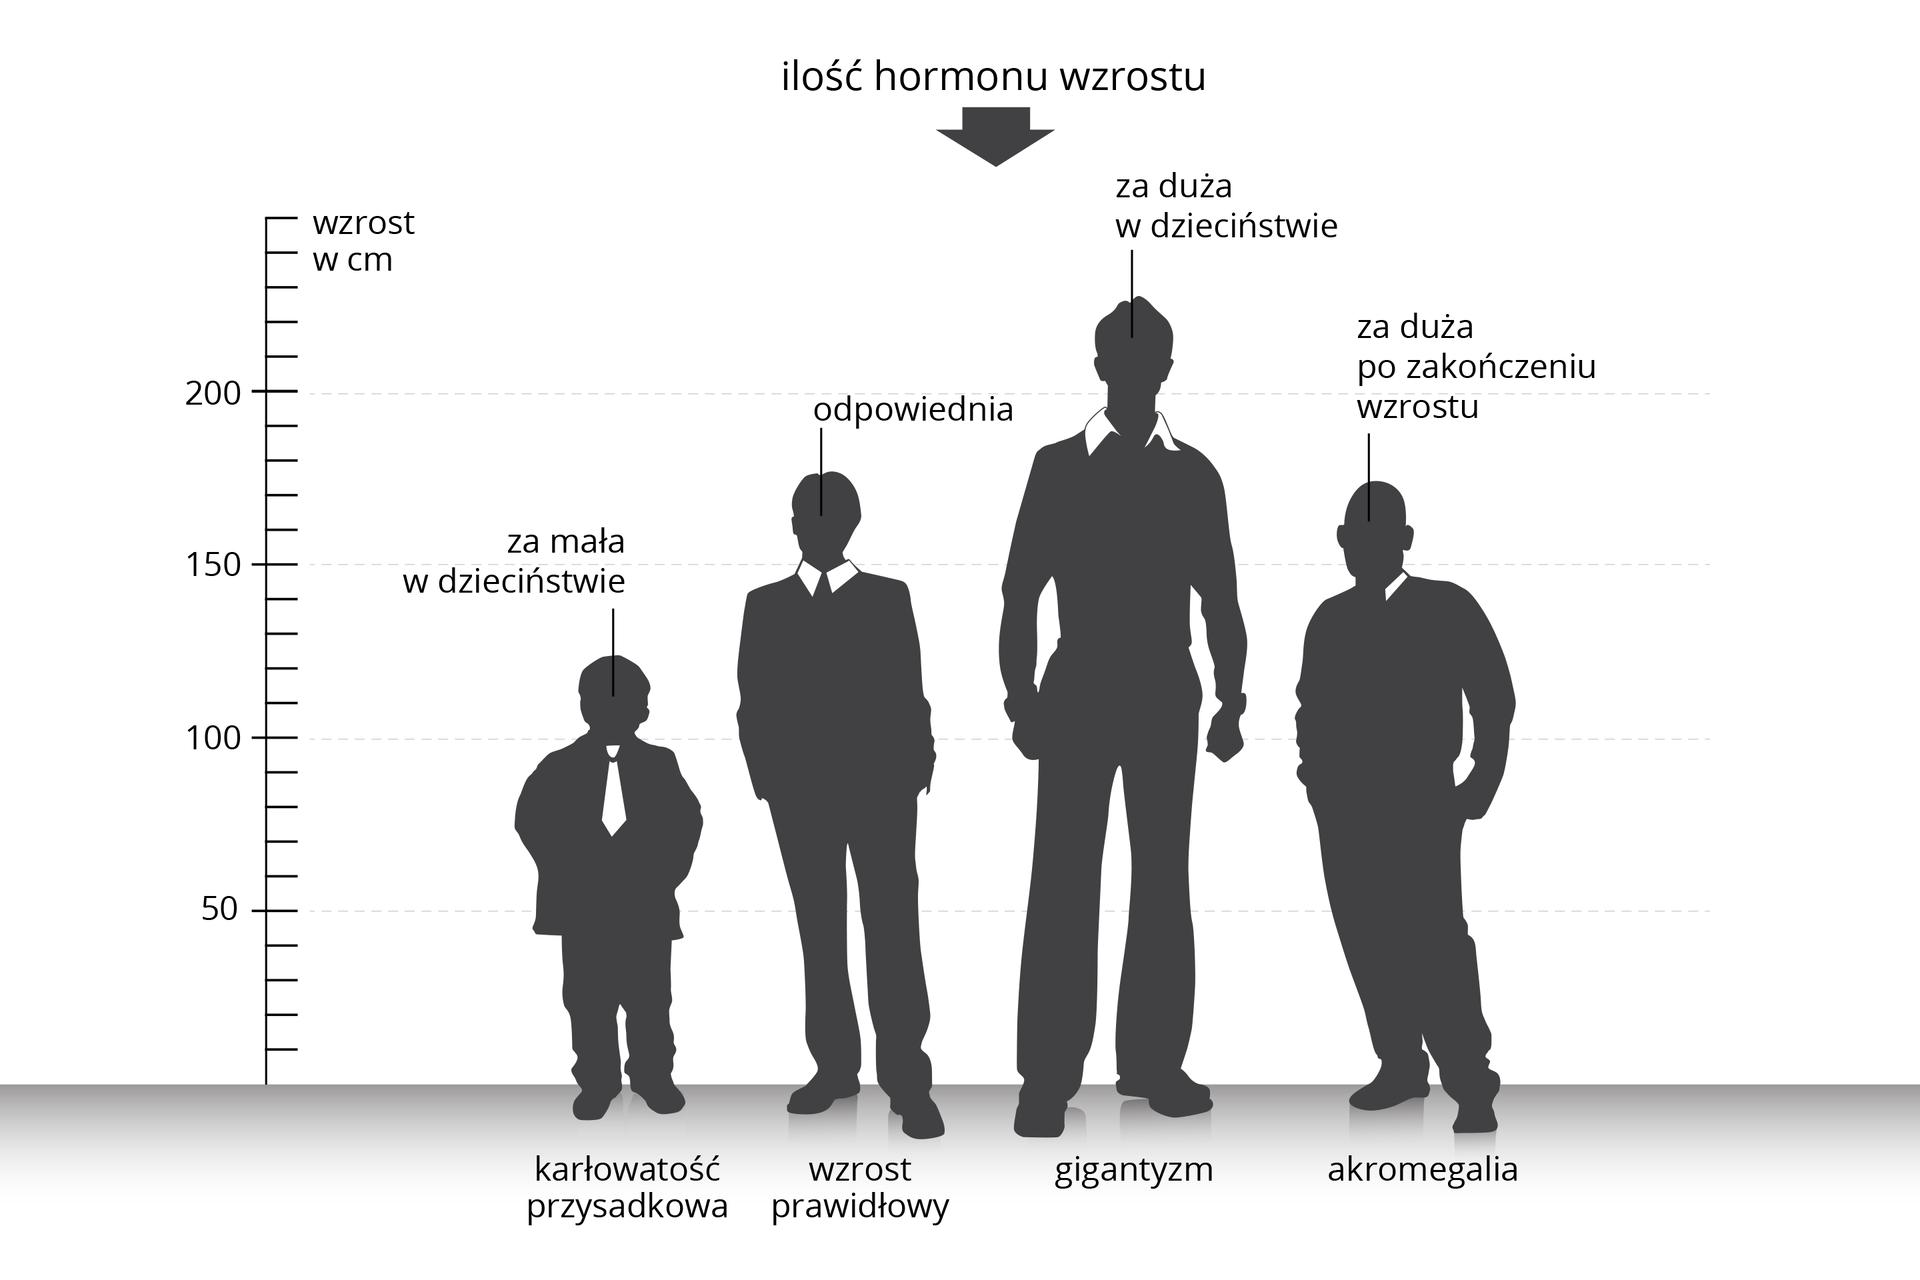 Ilustracja przedstawia porównanie proporcji sylwetki ludzkiej pod wpływem hormonu wzrostu. Na osi Xstoją cztery szare postacie mężczyzn. Na osi Yzaznaczono podziałkę wzrostu wcentymetrach. Pierwsza postać jest niska. Za mała ilość hormonu wzrostu wdzieciństwie spowodowała karłowatość przysadkowatą. Drugi od lewej to mężczyzna oprawidłowym wzroście. Ilość hormonu wokresie wzrostu była odpowiednia. Trzeci mężczyzna, najwyższy znich, poddany został wdzieciństwie działaniu za dużej ilości hormonu wzrostu. Cierpi na gigantyzm. Uostatniej zsylwetek wystąpiła akromegalia, gdy uosób dorosłych po zakończeniu wzrostu jest zbyt duża ilość hormonu wzrostu.